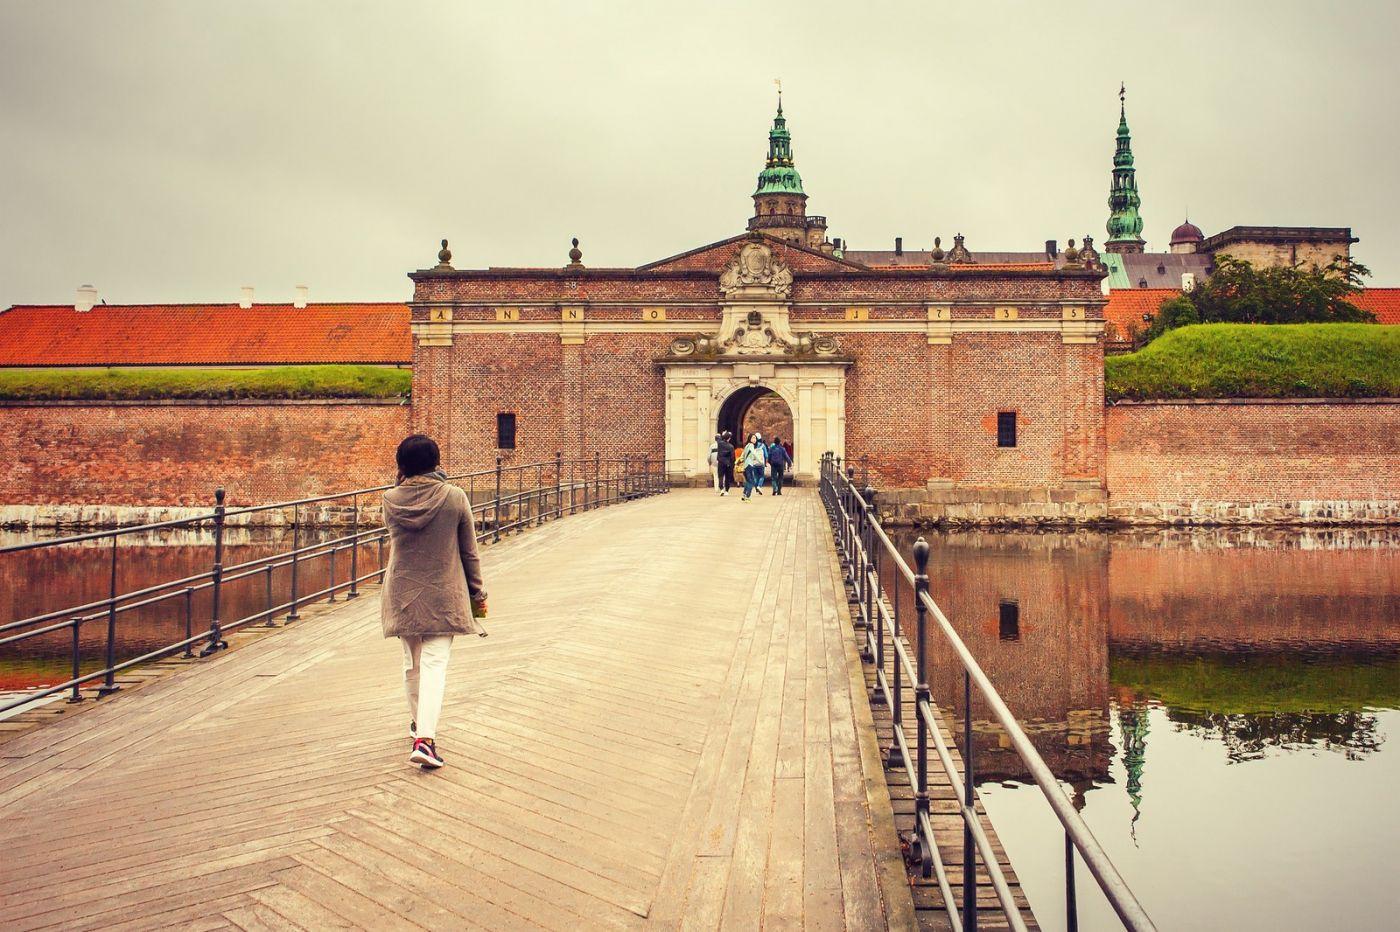 丹麦腓特烈堡城堡,当年的风采_图1-1